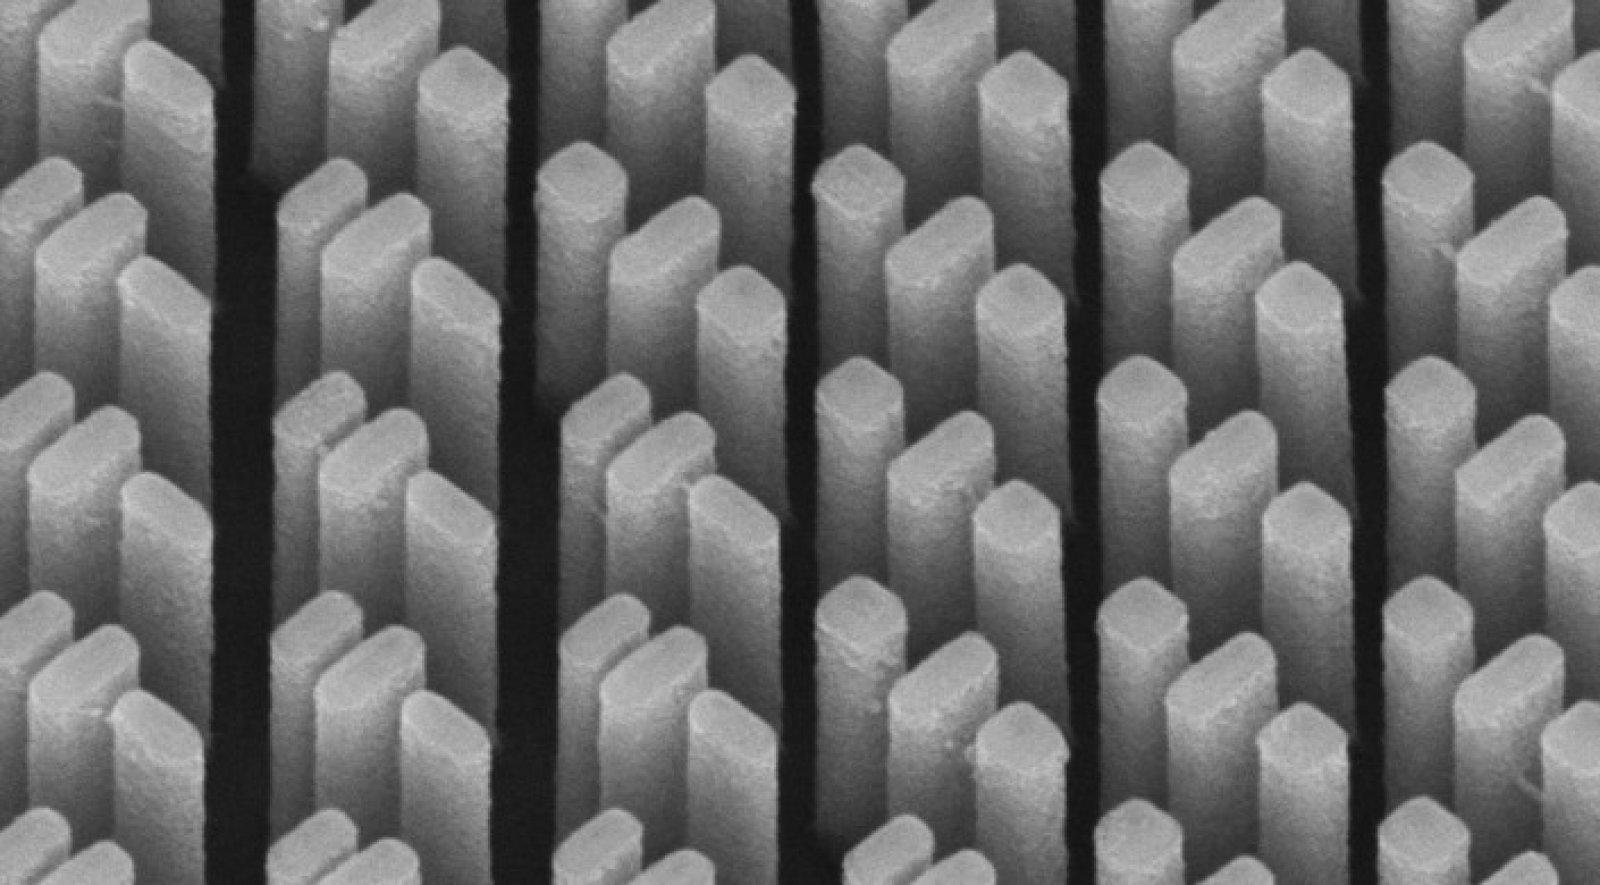 Ученые нашли эффективный способ решения проблемы фиолетового гало на фото